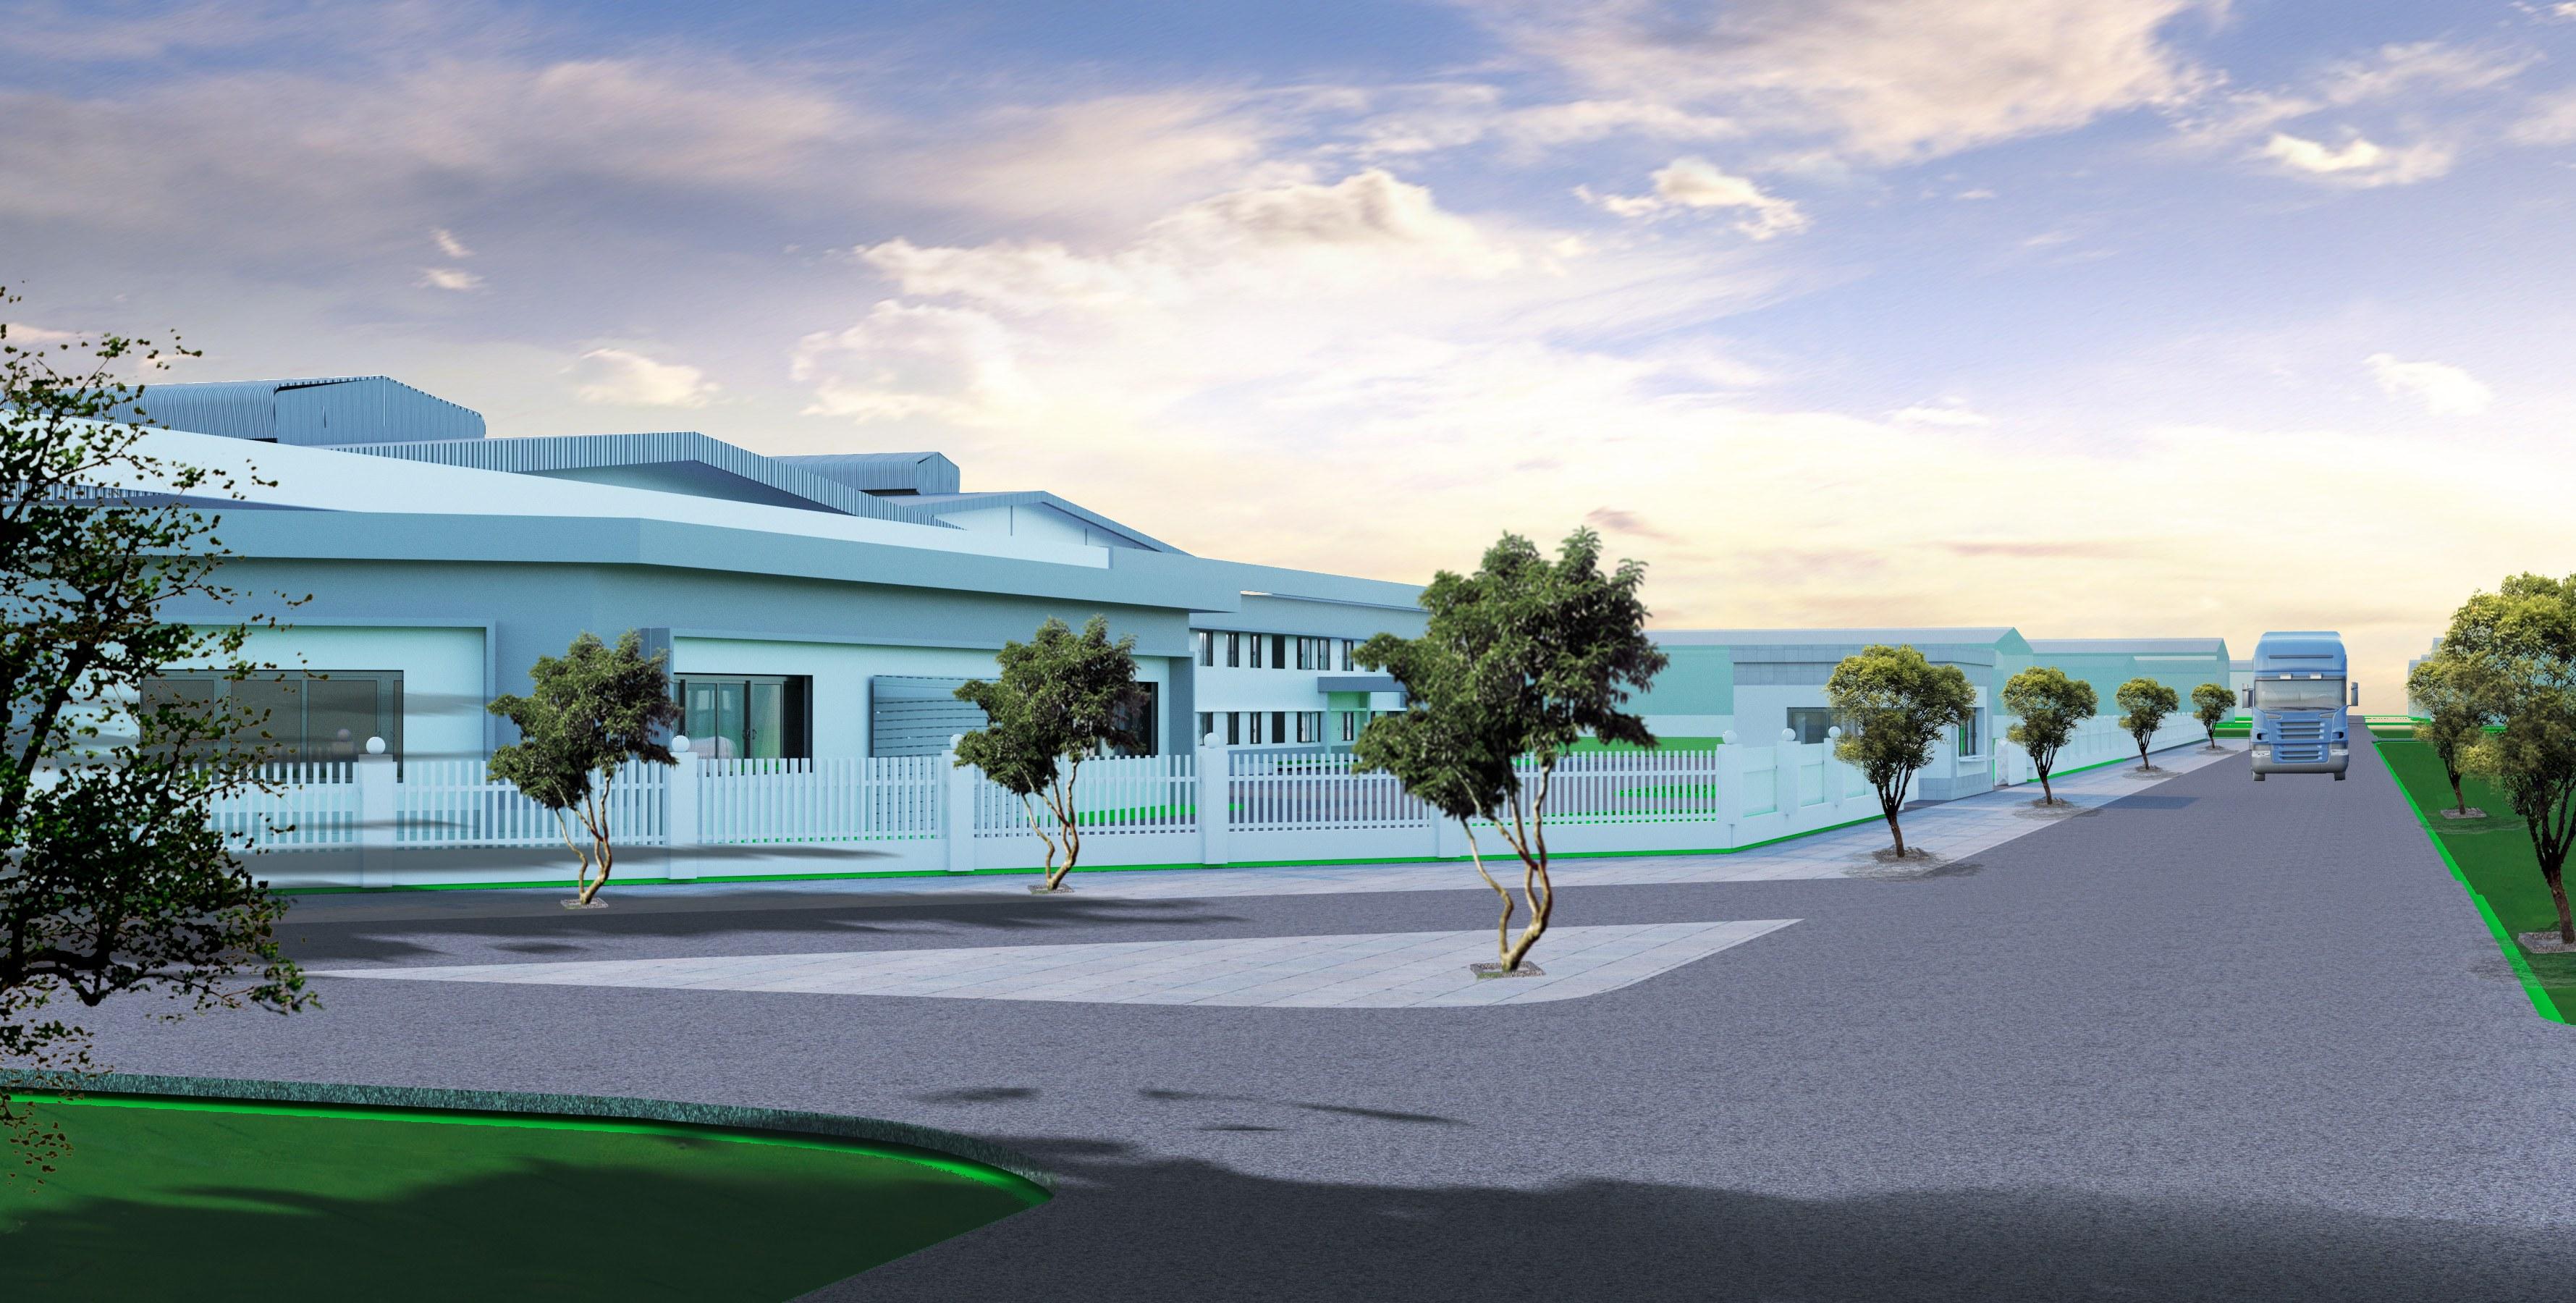 Thẩm tra thiết kế bản vẽ thiết kế tổ hợp nhà xưởng cho thuê tại Hải Phòng